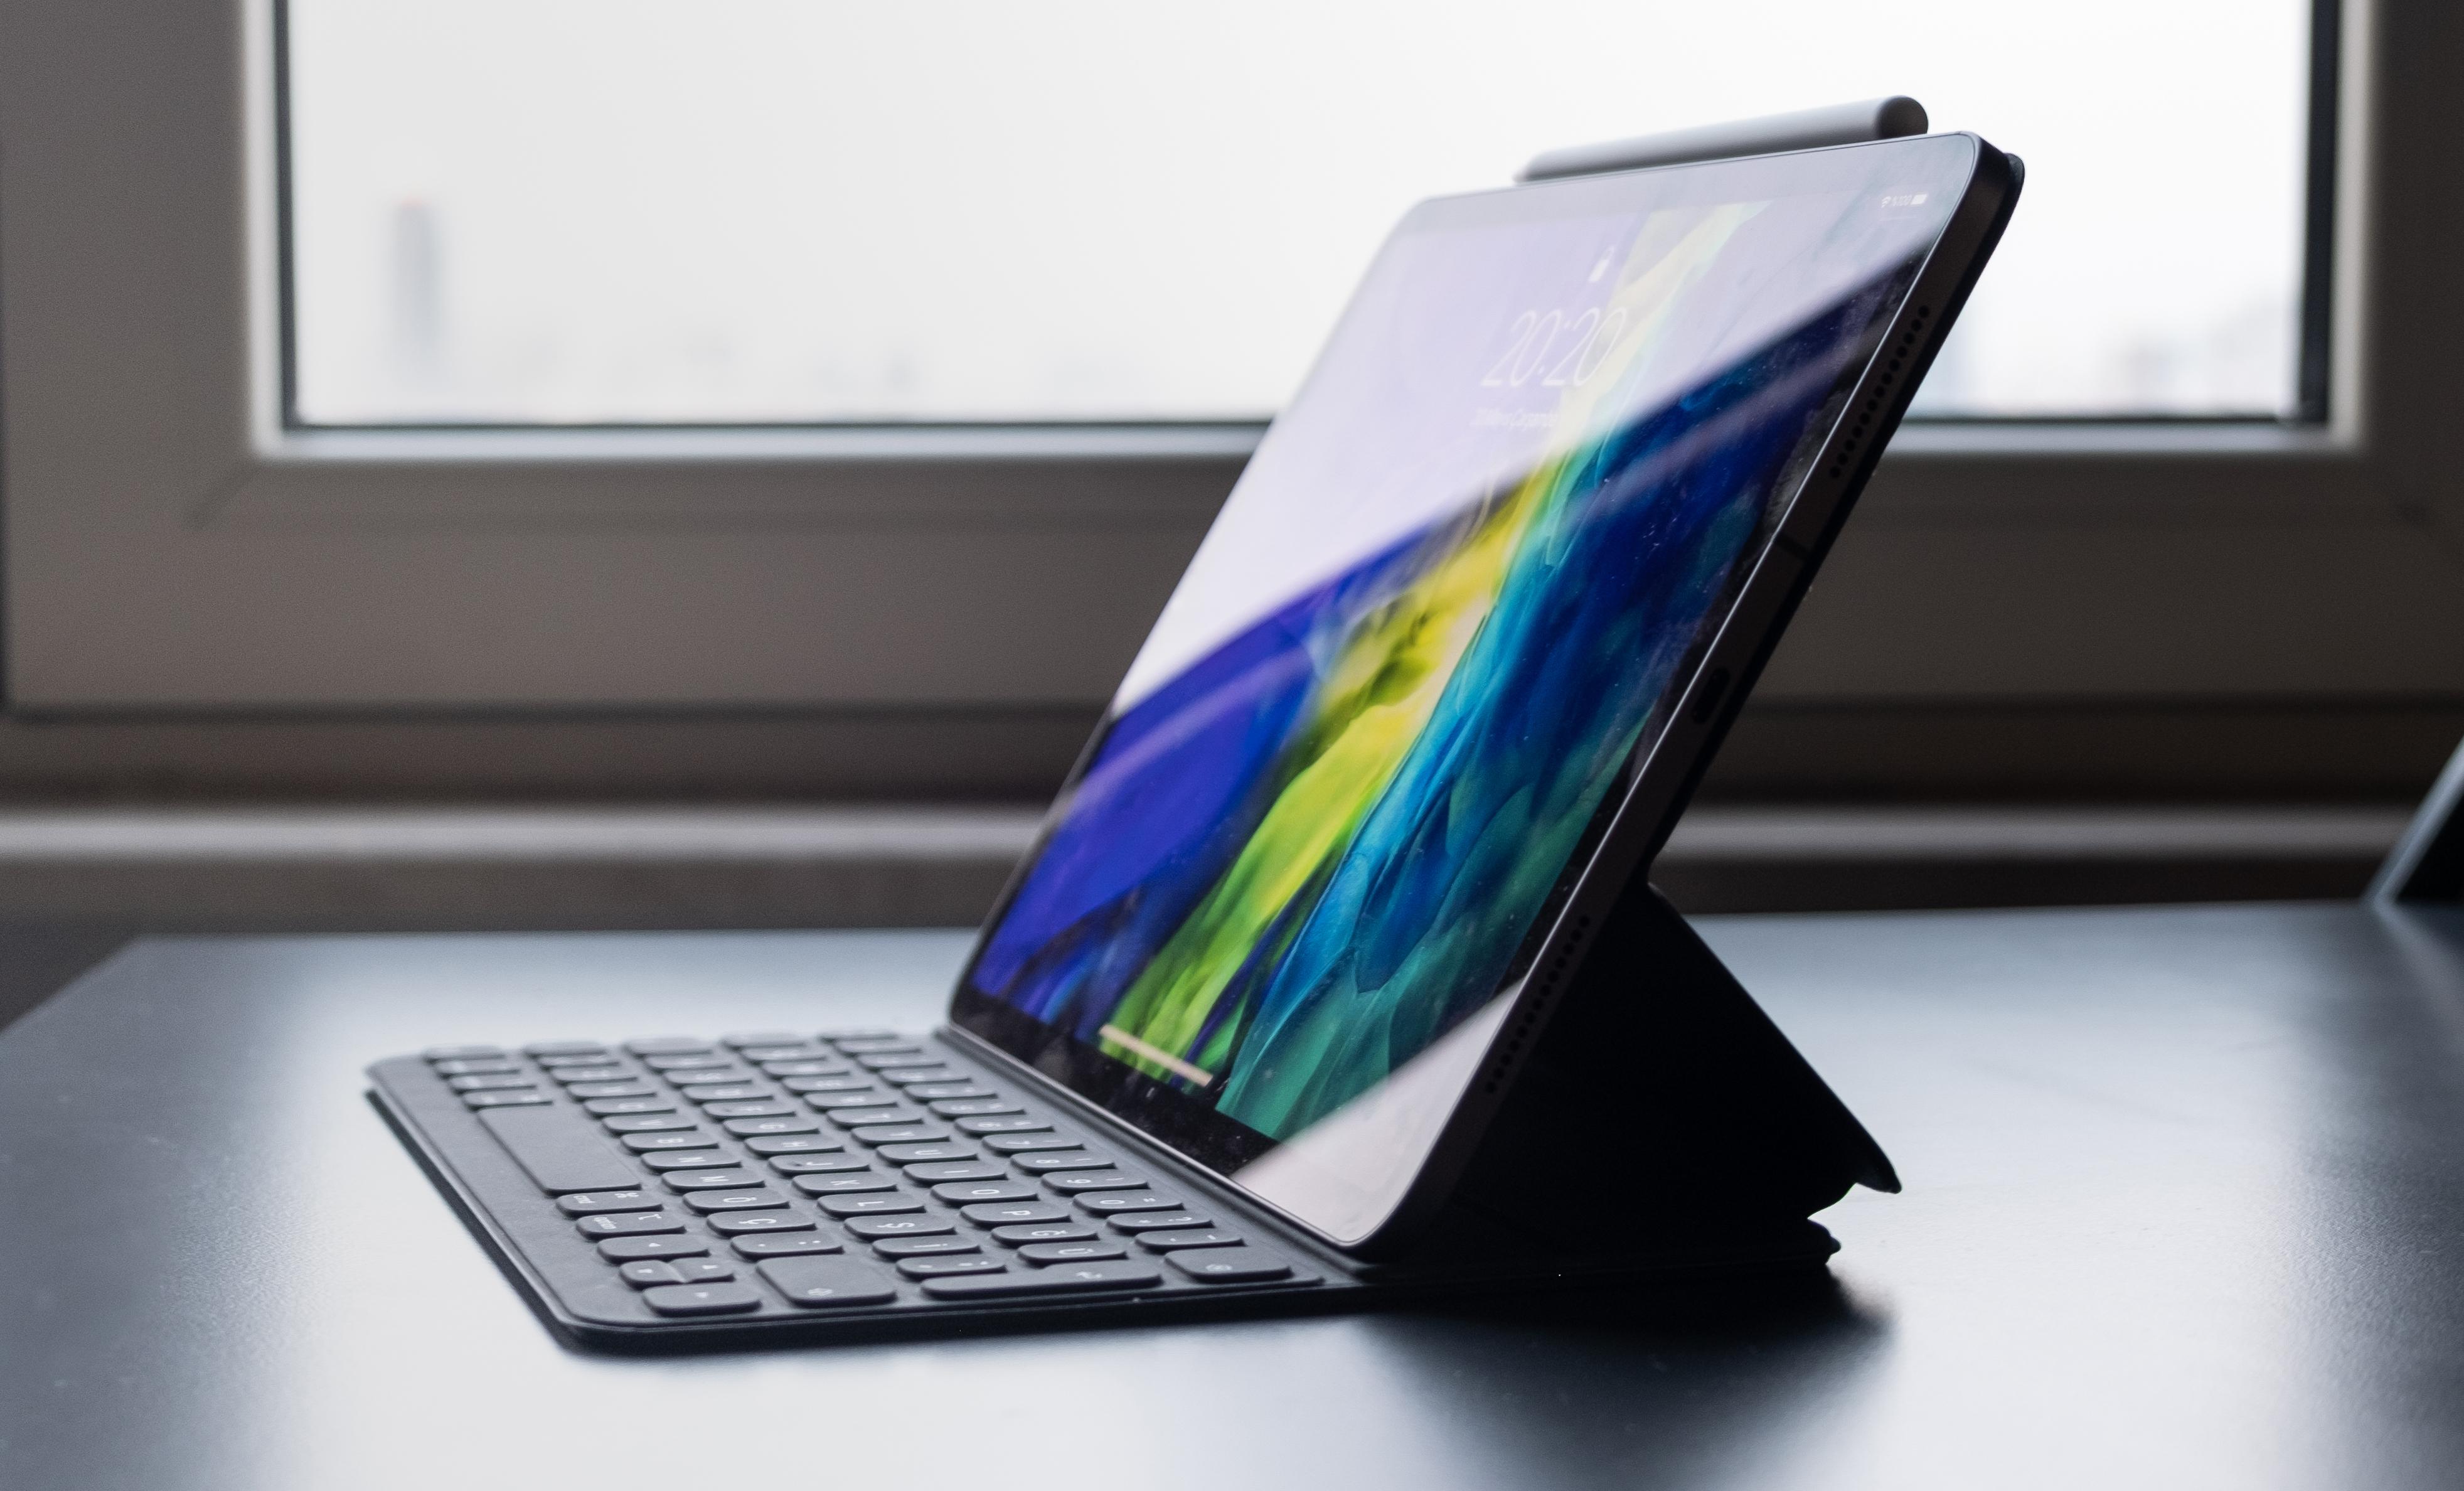 iPad Pro 11 Mini LED display rumor